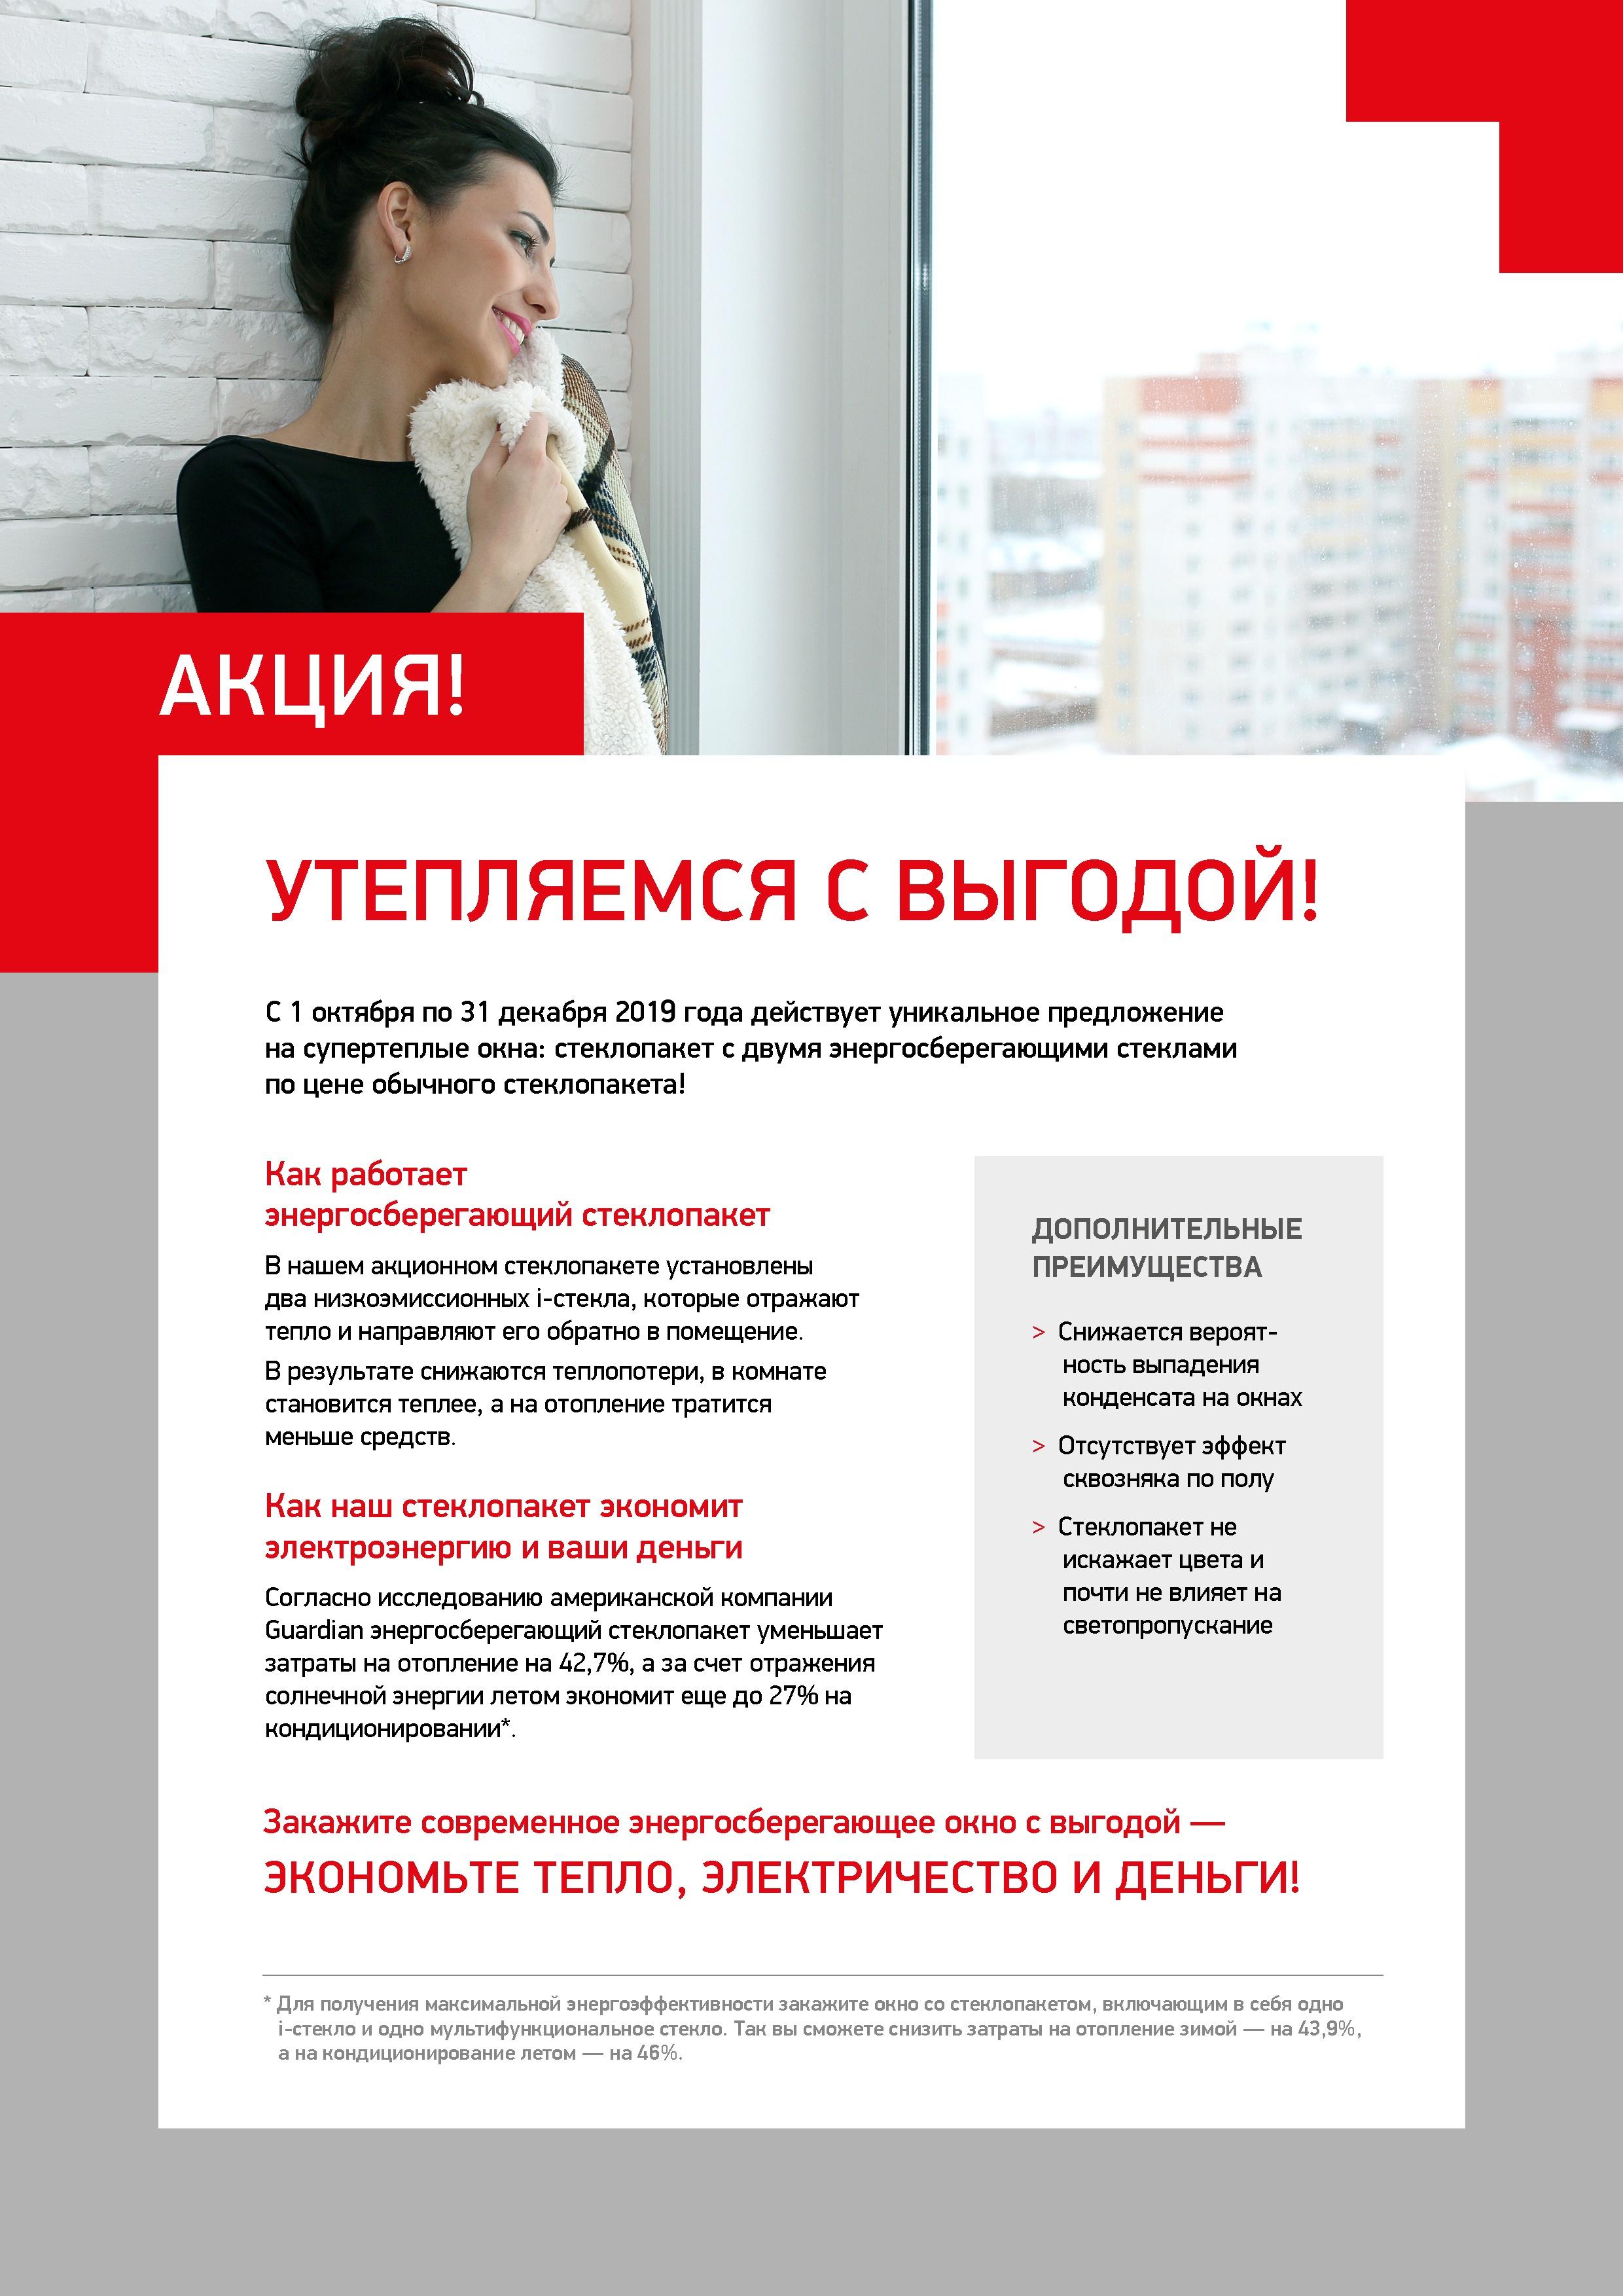 Акция_Акция_И-стекло_Клиентам